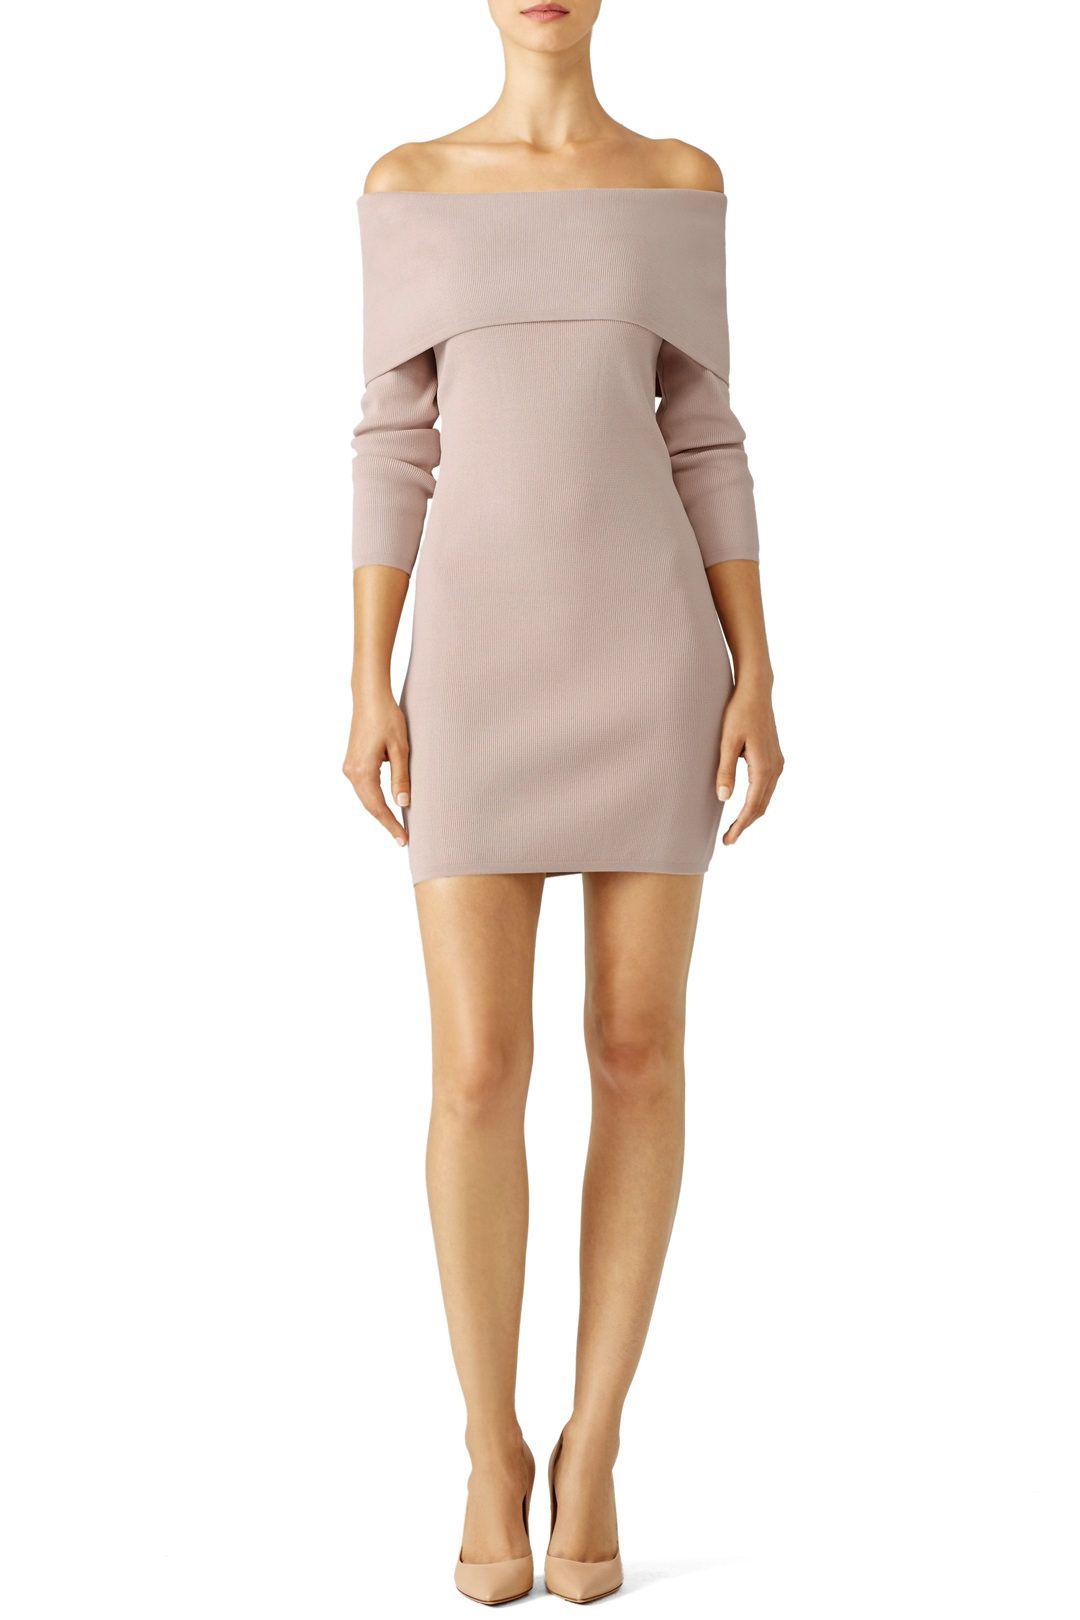 15++ Blush vana knit dress ideas in 2021